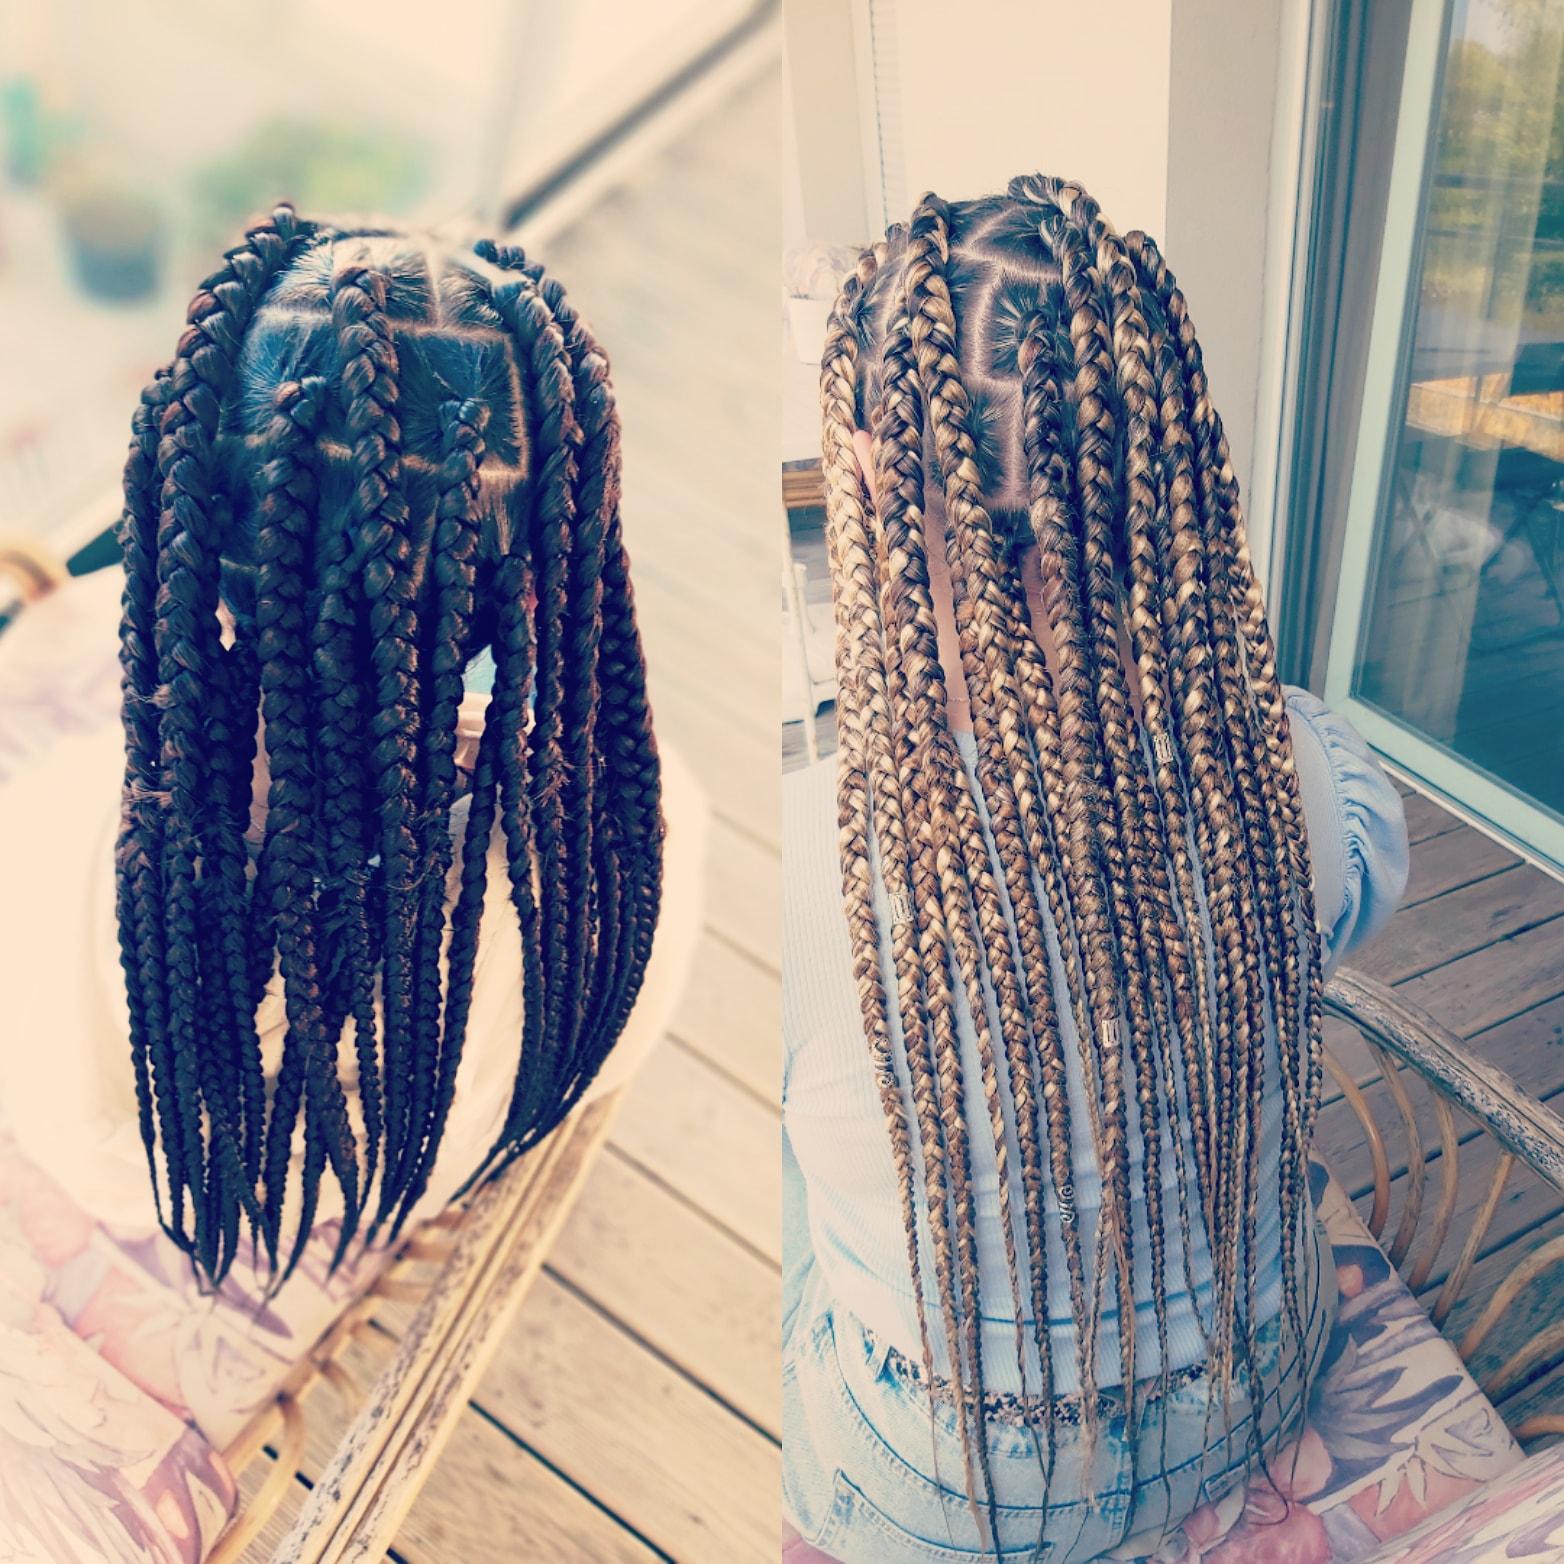 salon de coiffure afro tresse tresses box braids crochet braids vanilles tissages paris 75 77 78 91 92 93 94 95 DLRWICFL